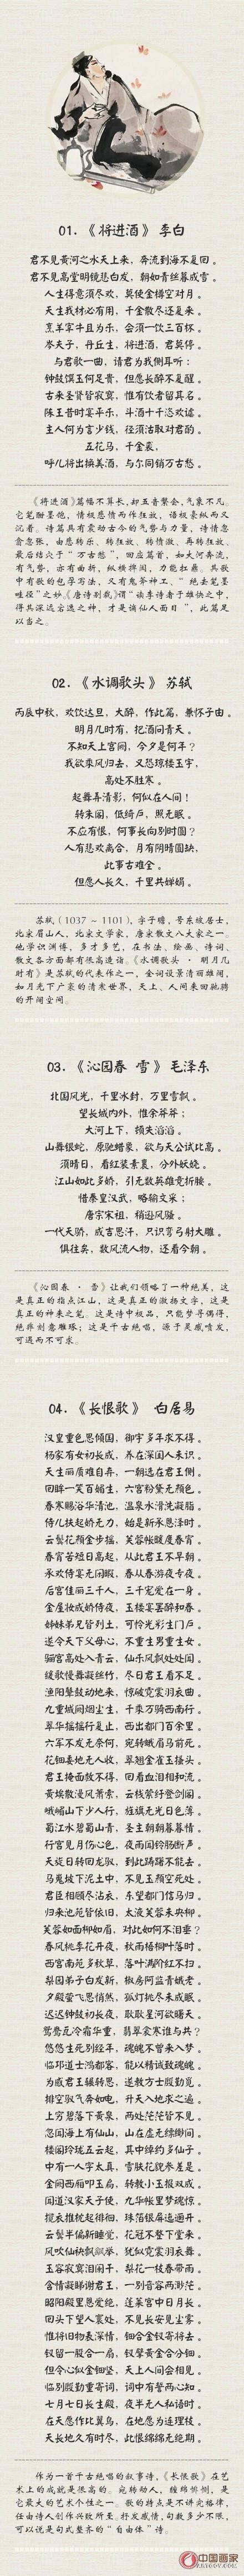 诗词,是中华文化瑰宝,千百年来为人传颂;诗词之中的翘楚,更是写尽世情,写尽古今。36首广为推崇的经典诗词,一文集纳,再赏中国诗词巅峰之美!